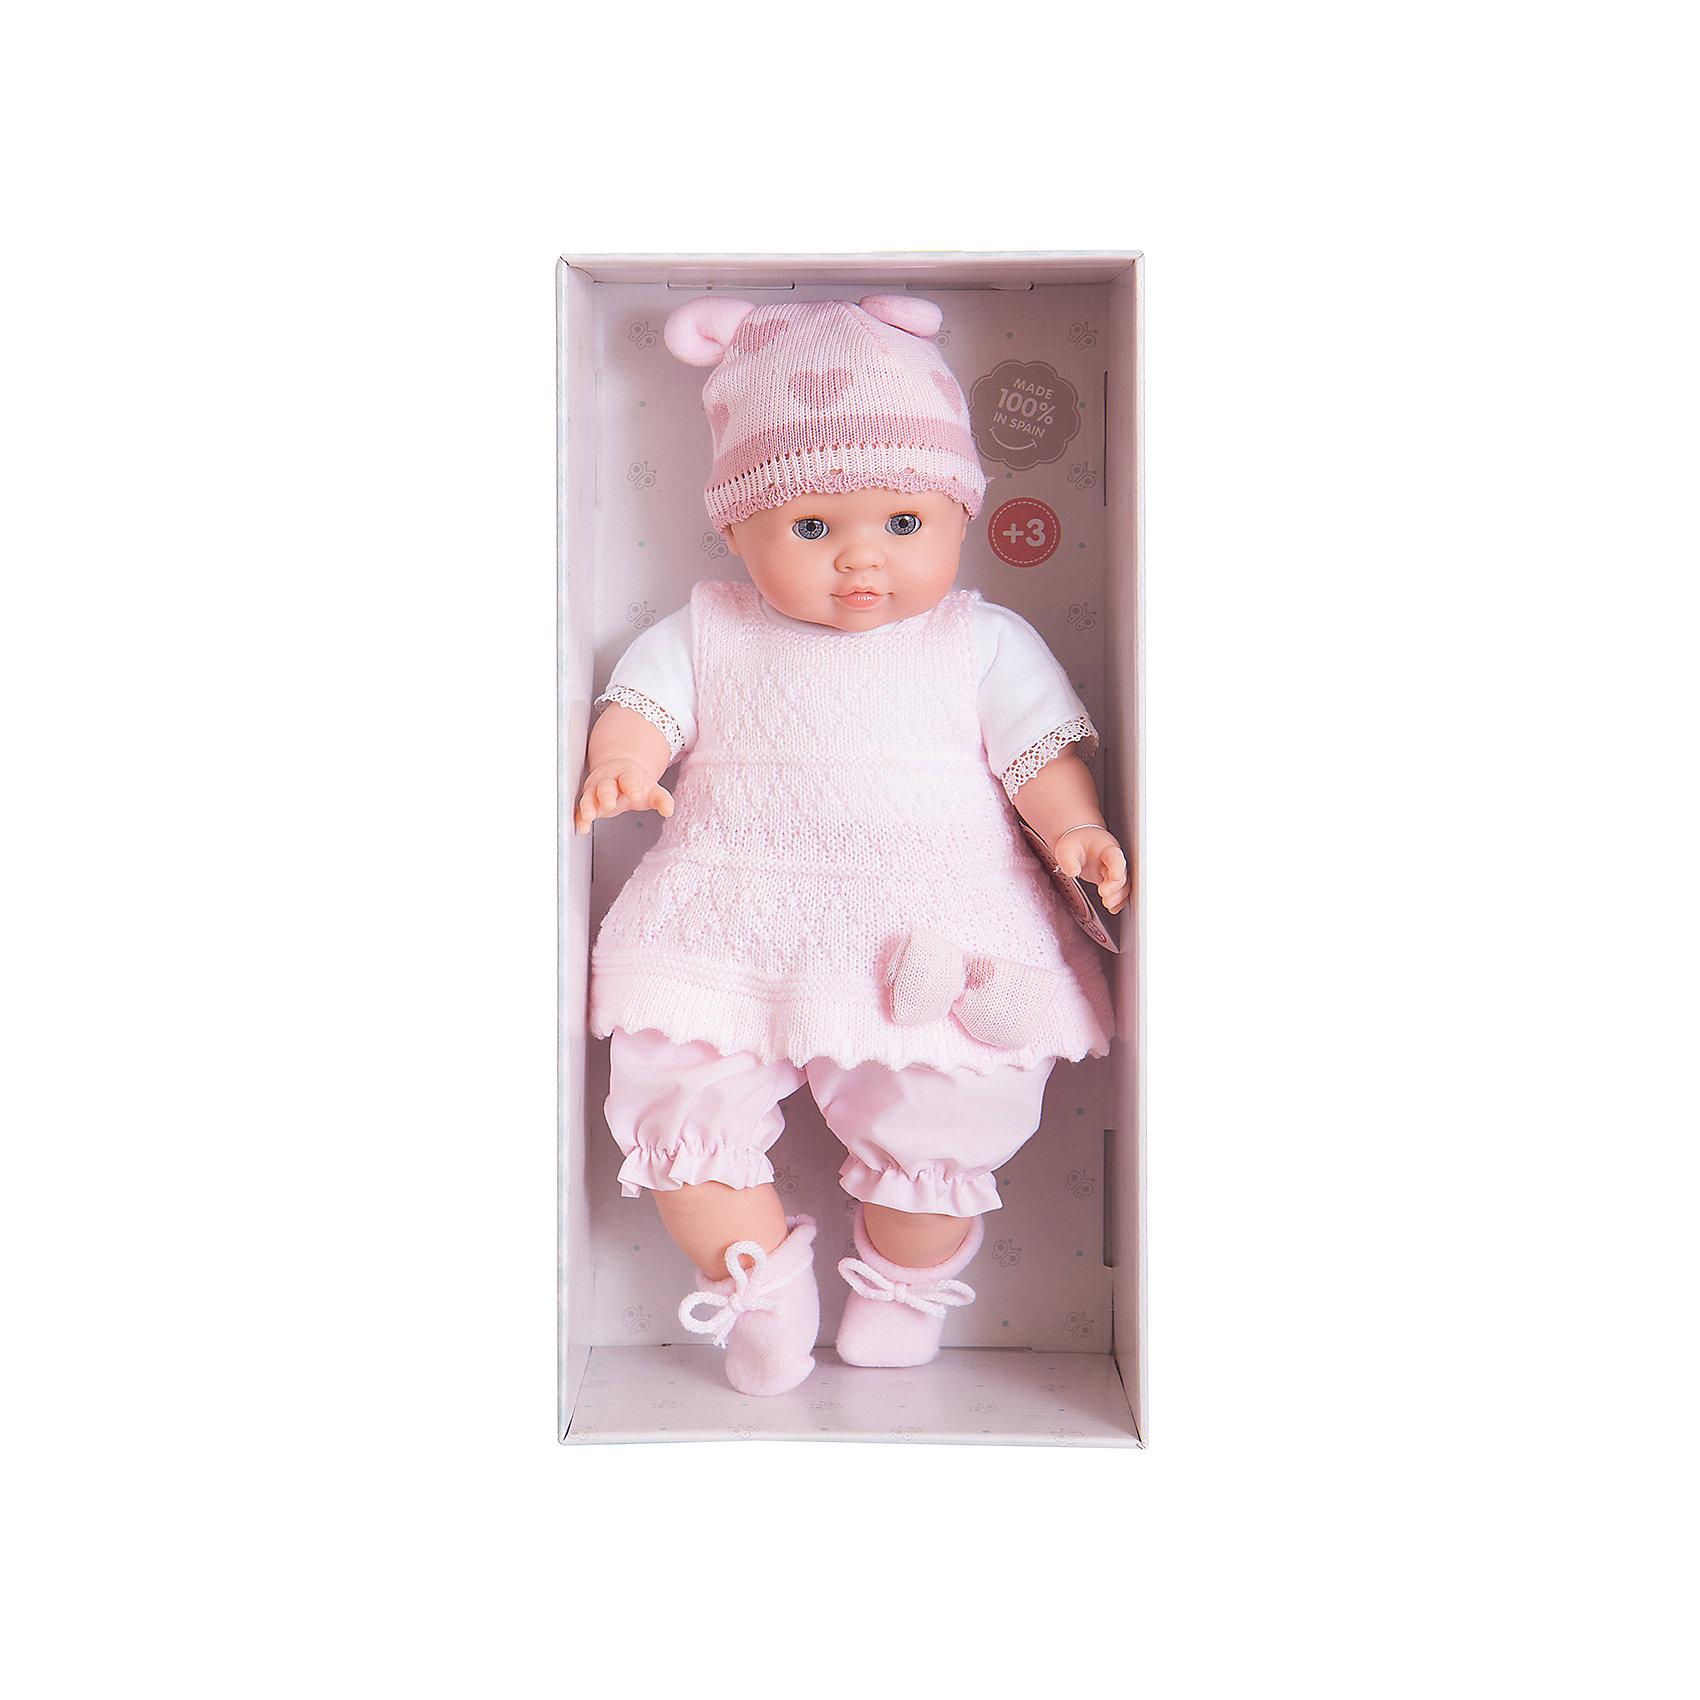 Кукла Лола, 36 см, Paola ReinaКлассические куклы<br>Кукла изготовлена из винила; глаза выполнены в виде кристалла из прозрачного твердого пластика; волосы сделаны из высококачественного нейлона.<br><br>Ширина мм: 120<br>Глубина мм: 250<br>Высота мм: 420<br>Вес г: 1000<br>Возраст от месяцев: 36<br>Возраст до месяцев: 144<br>Пол: Женский<br>Возраст: Детский<br>SKU: 4966363